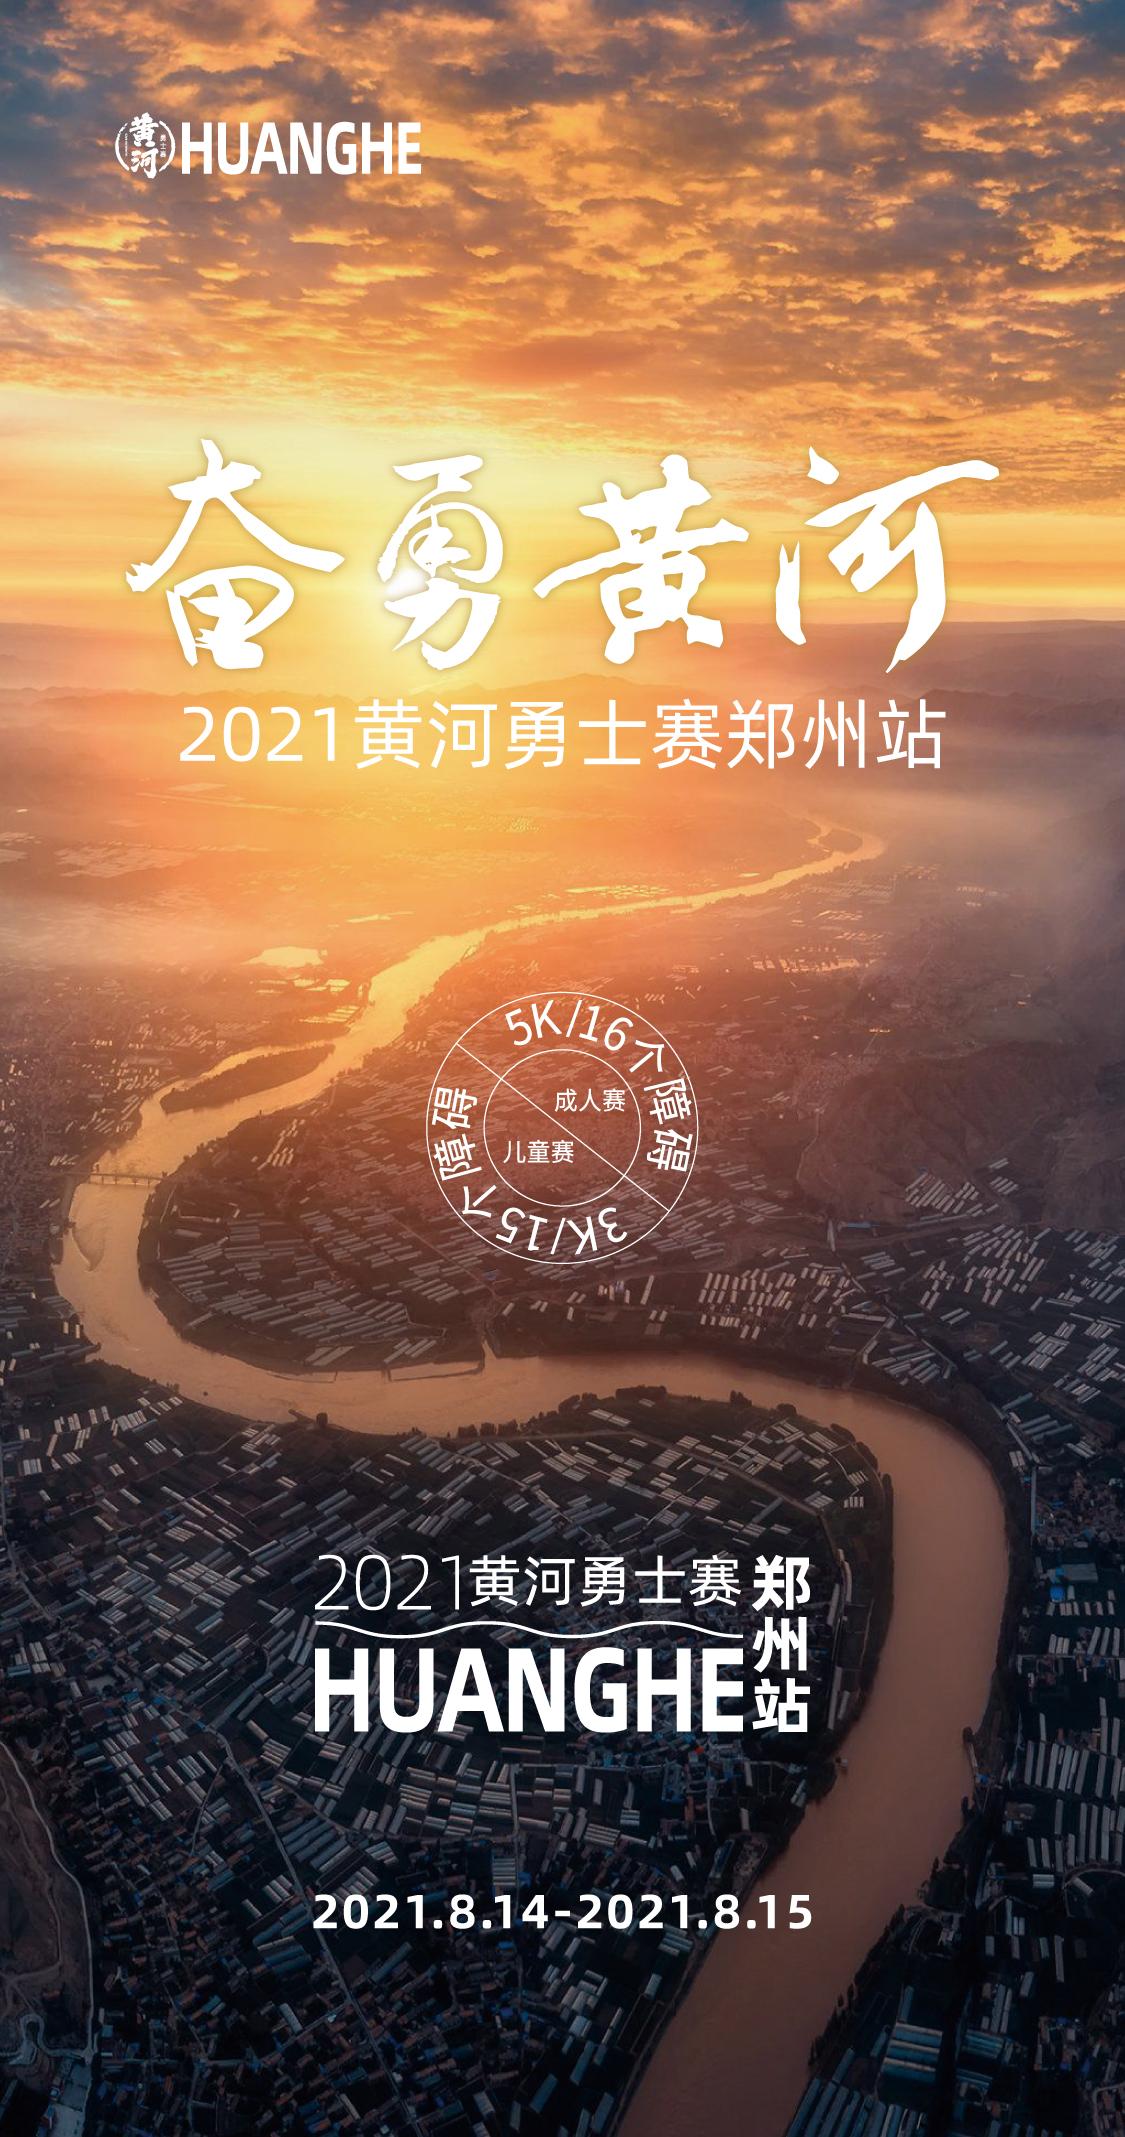 【郑州】黄河勇士户外障碍赛—郑州站